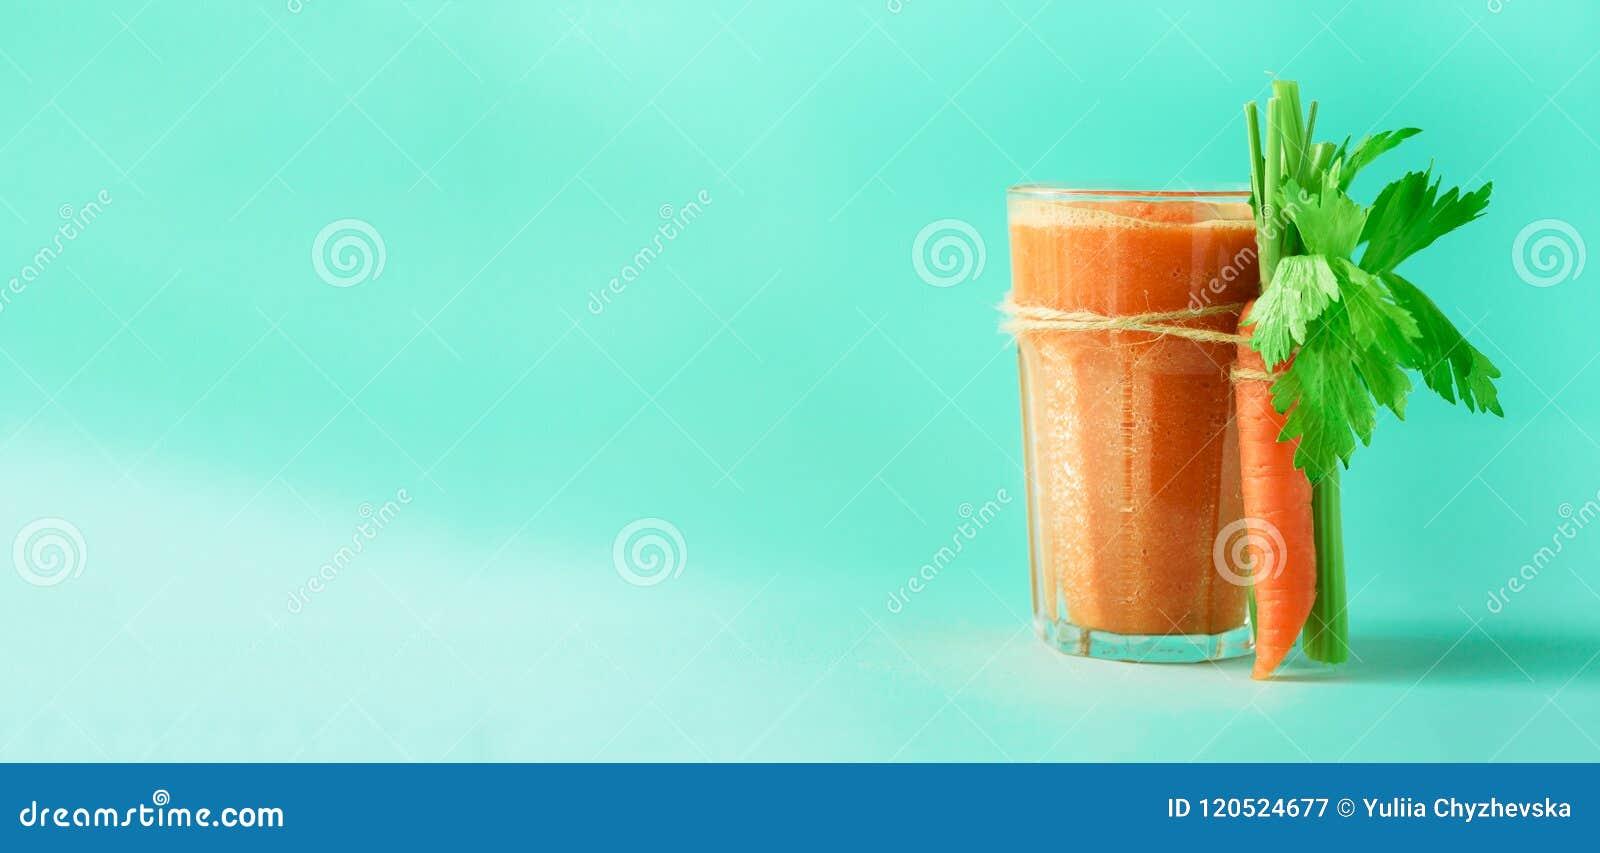 Organischer Karottensaft mit Karotten, Sellerie auf blauem Hintergrund Frischgemüse smothie im Glas fahne Kopieren Sie Platz